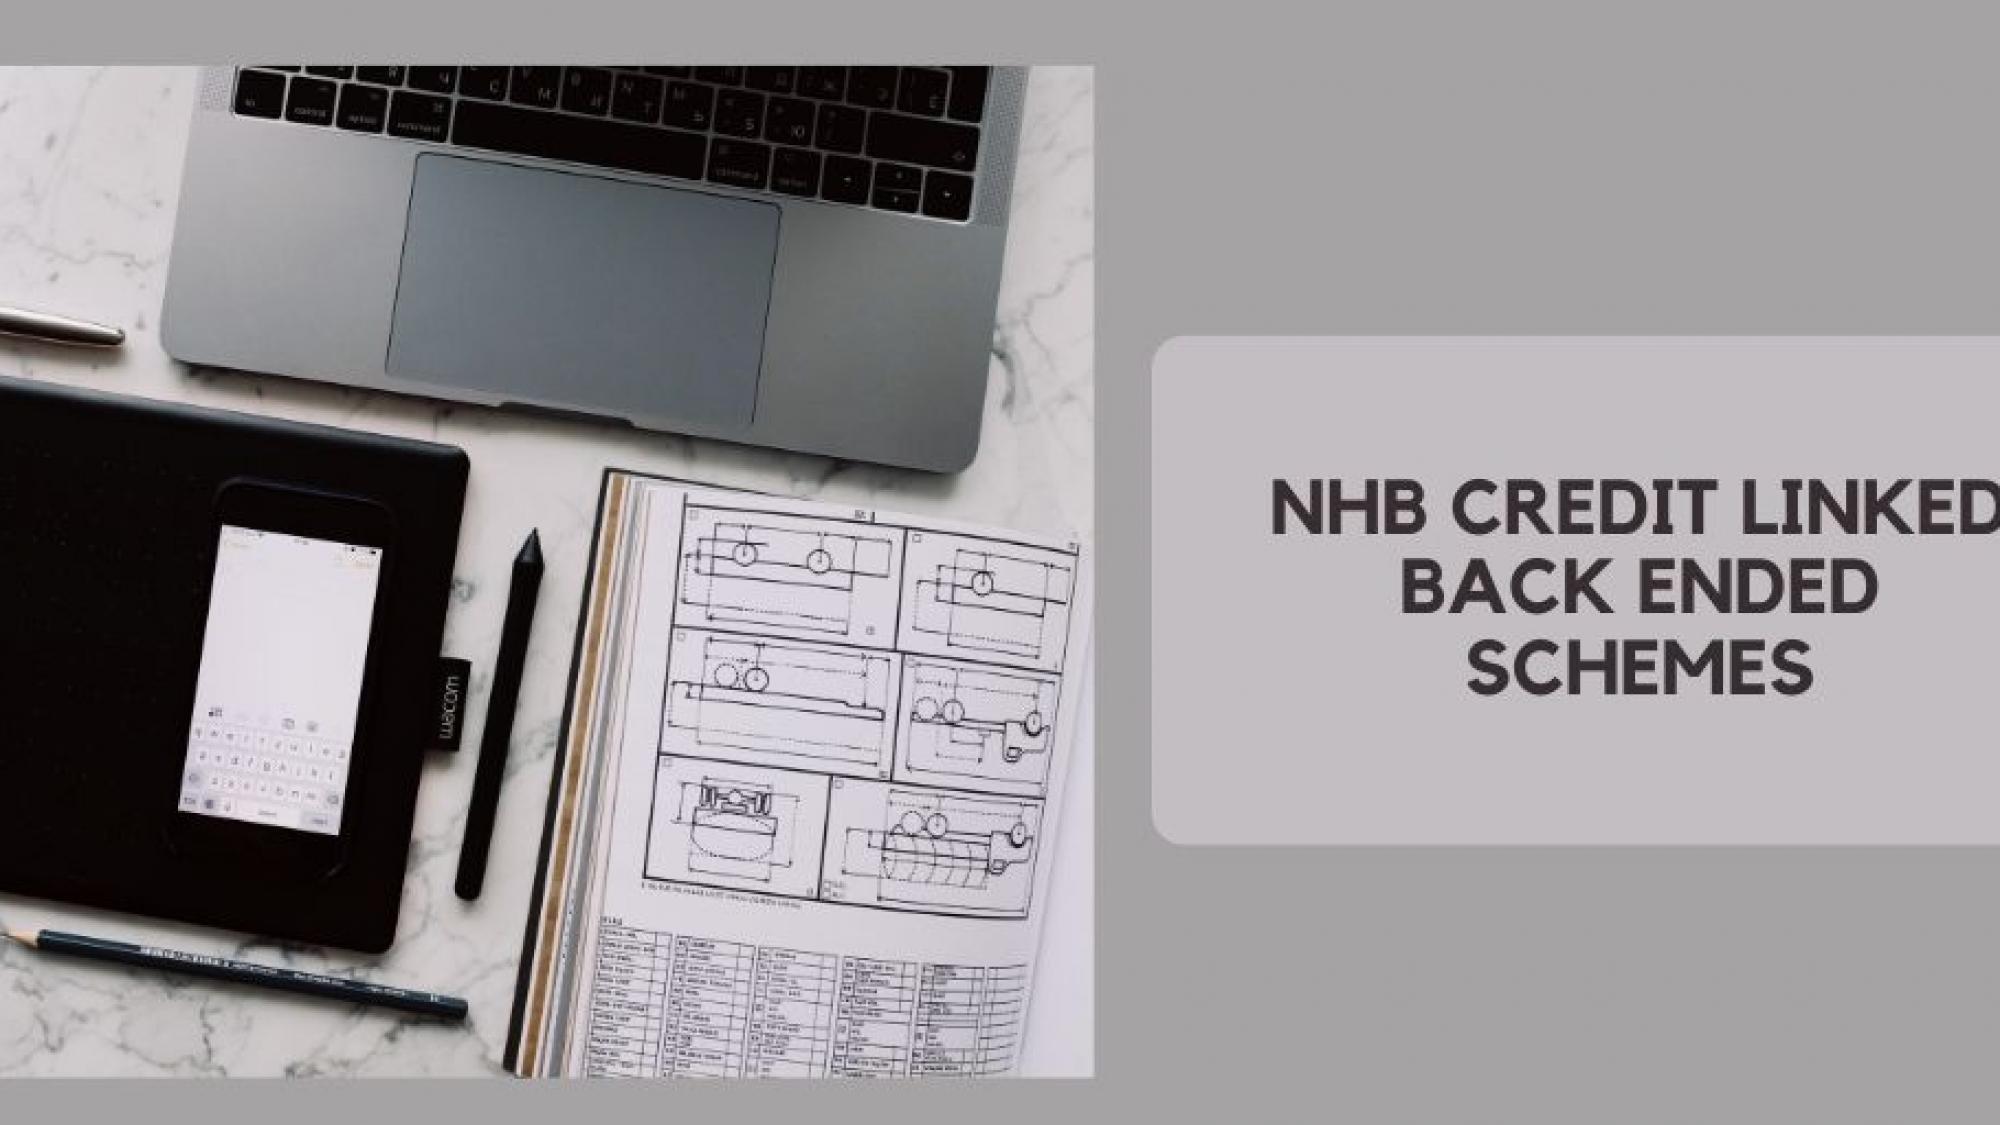 NHB Credit Linked Back ended Schemes